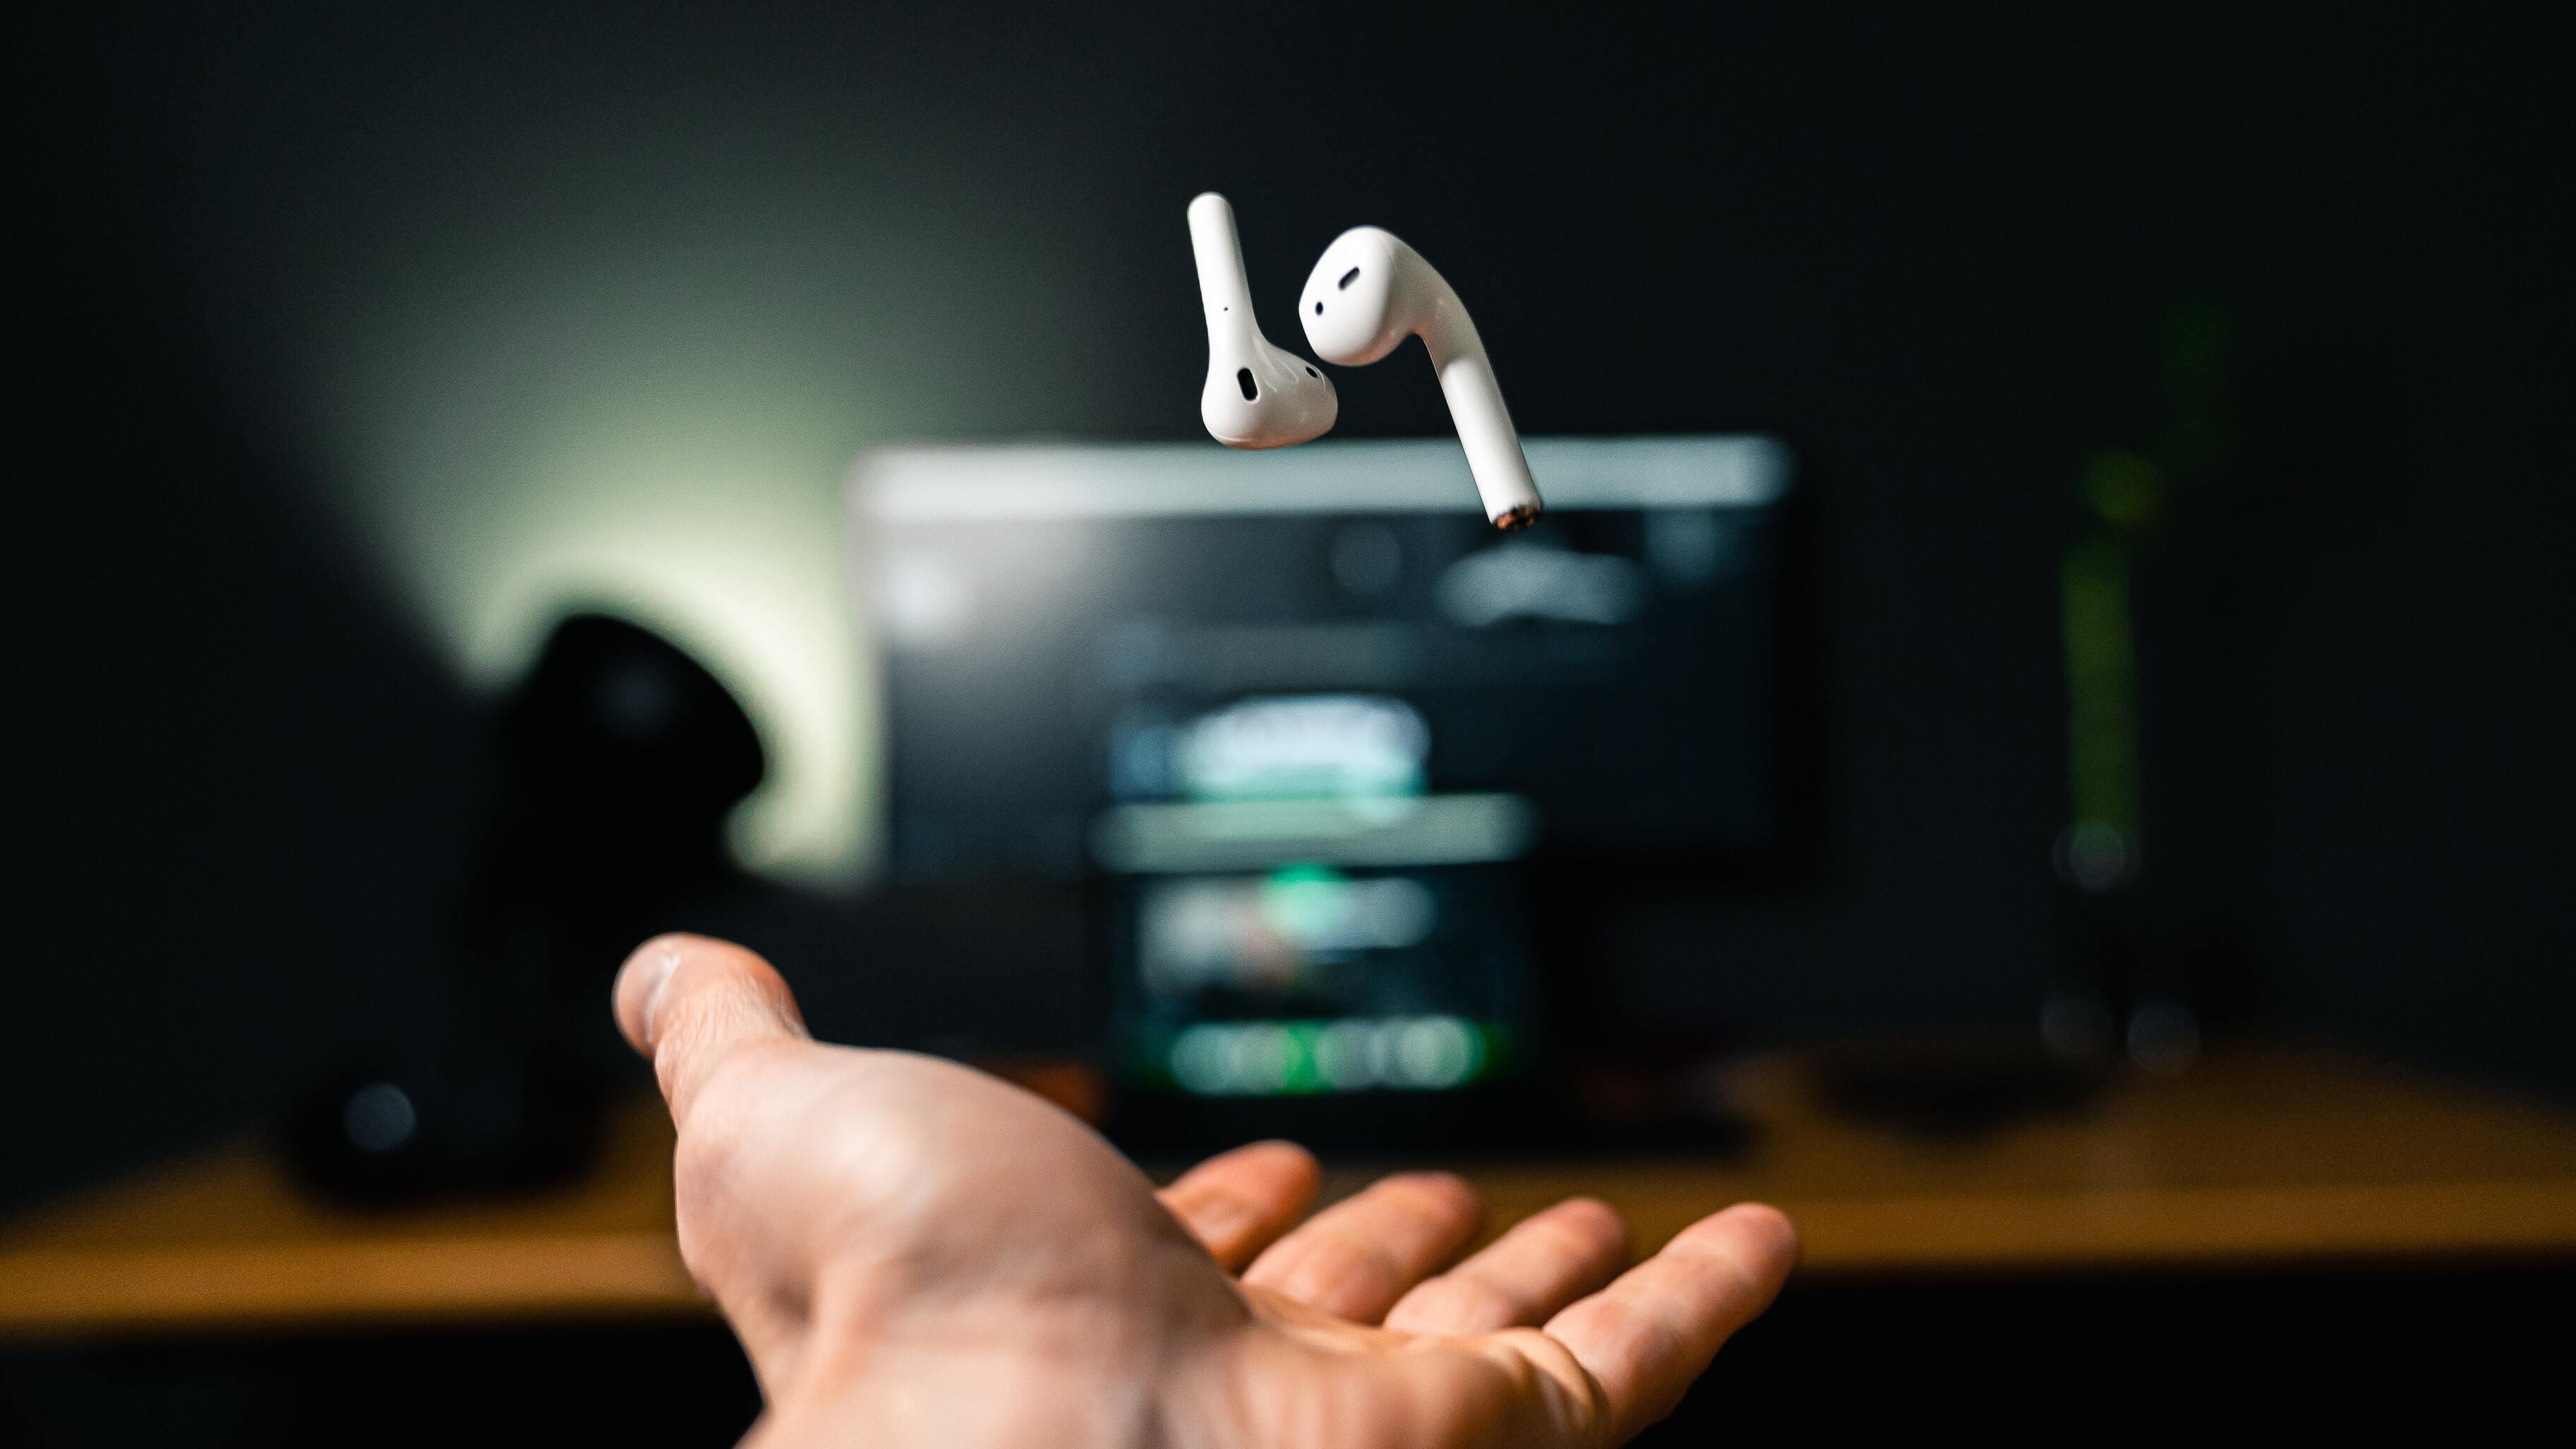 Найден способ превратить наушники Apple AirPods в подслушивающее устройство